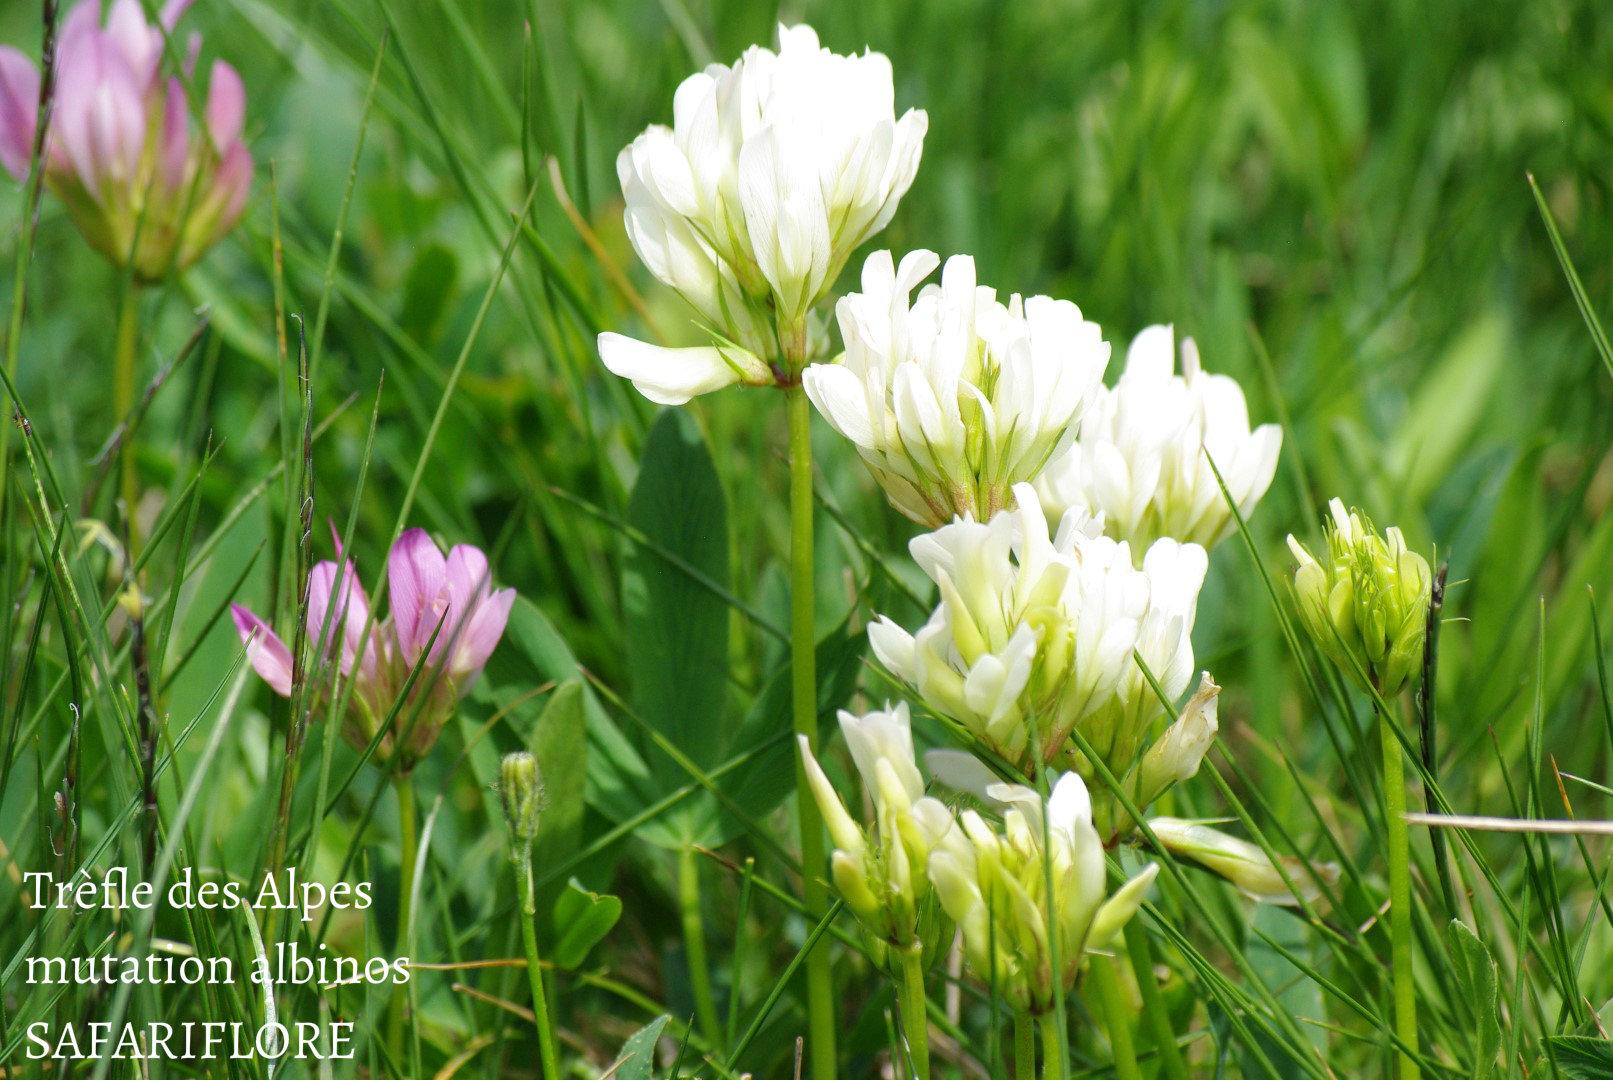 Trifolium alpinum var. alba